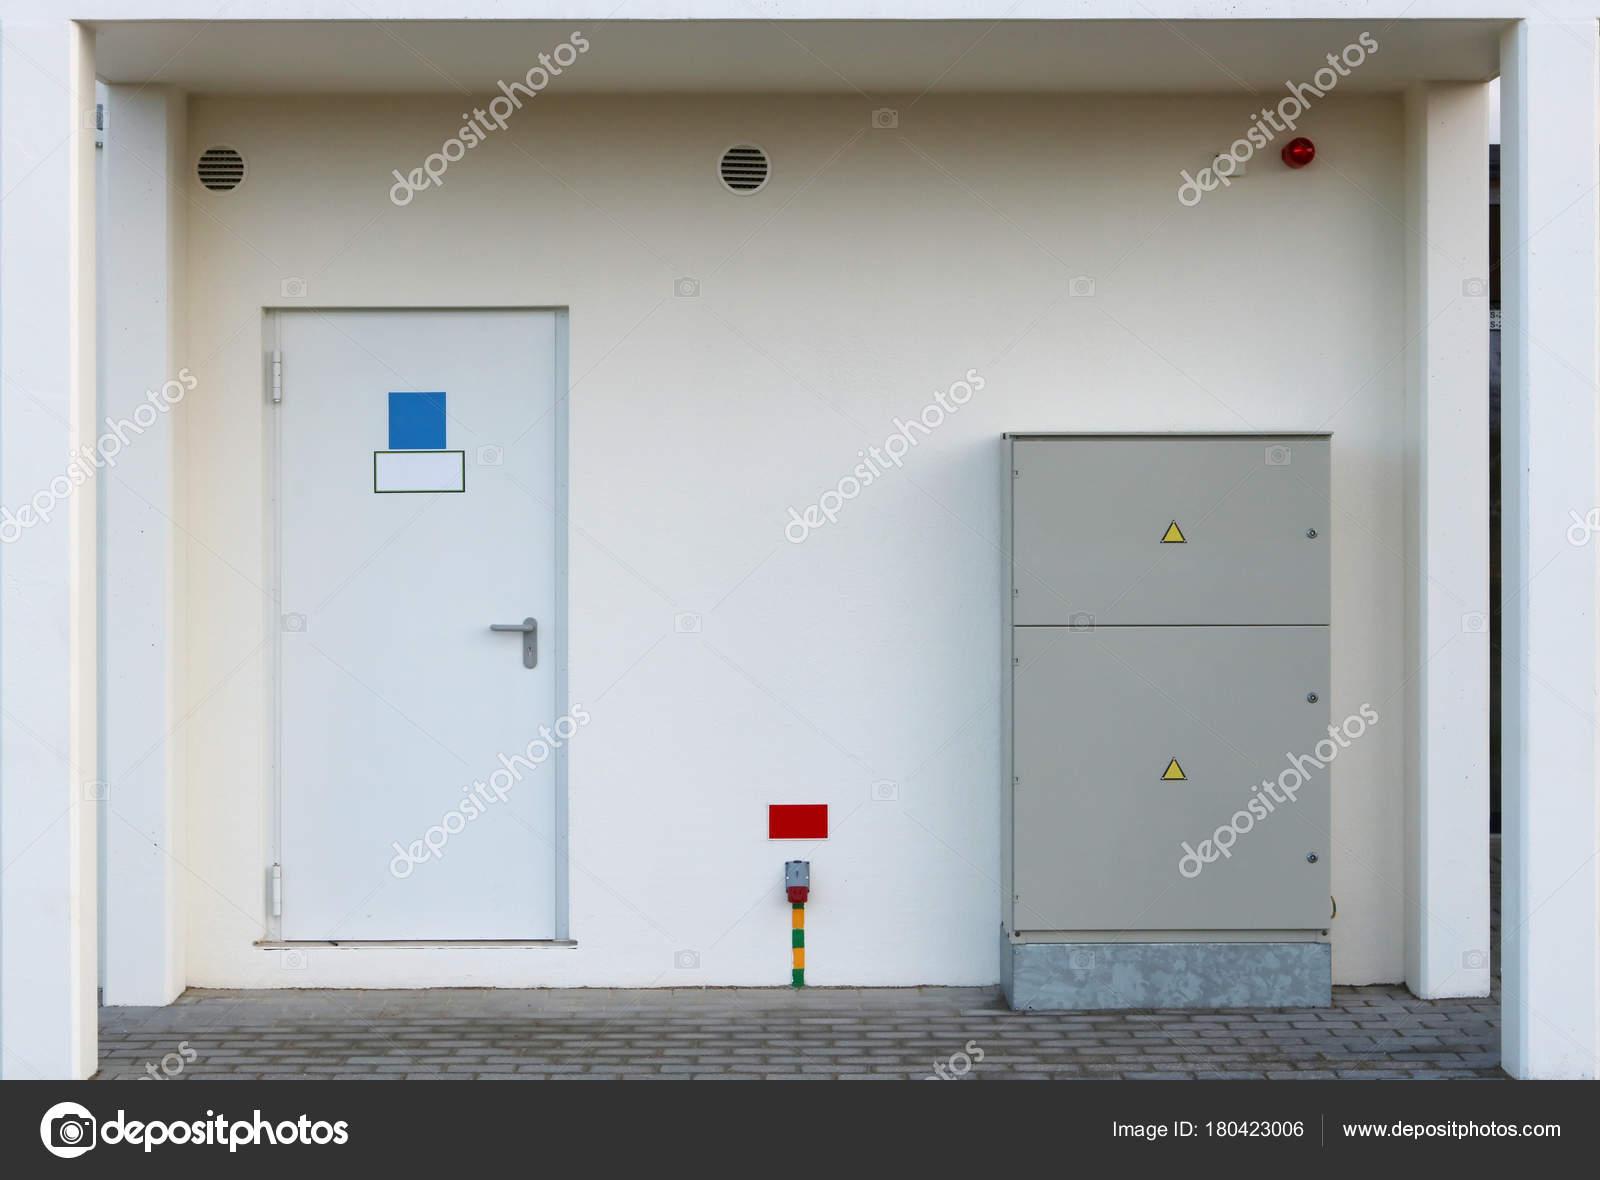 Portaal in een nieuw huis met een deur naar de kamer met water graaf